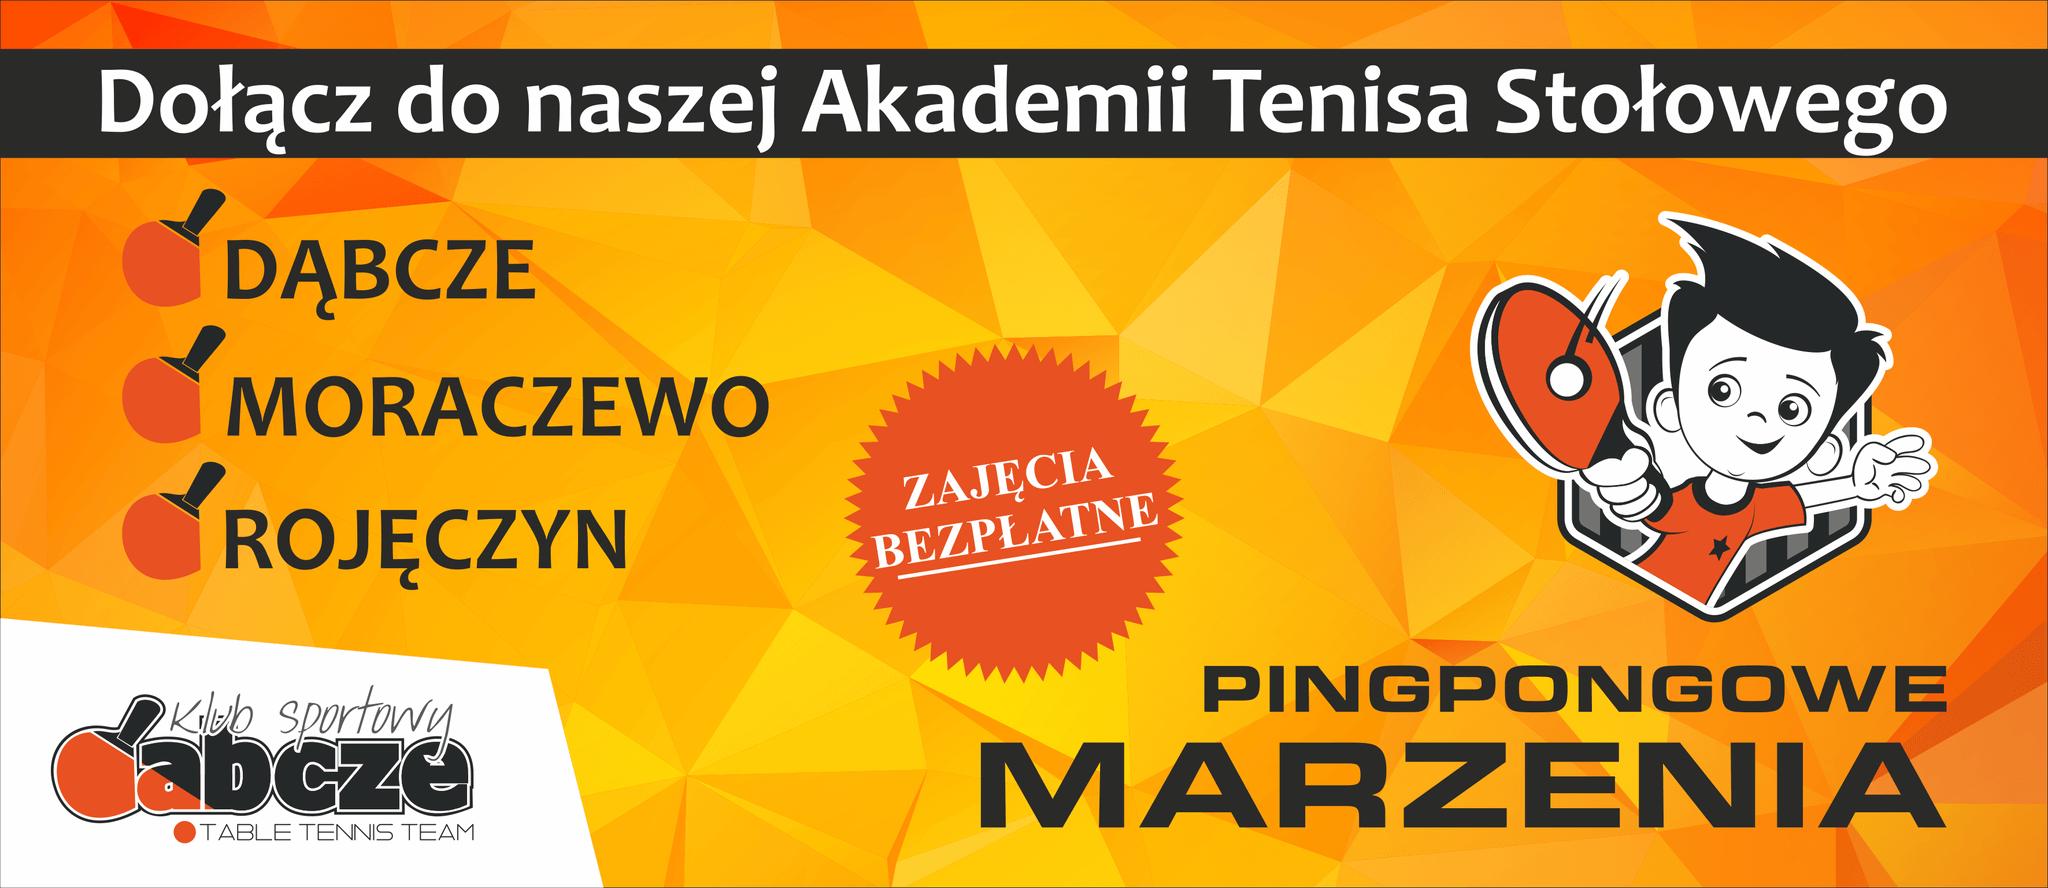 Wamet Dąbcze otwiera nowe Akademie Tenisa Stołowego!